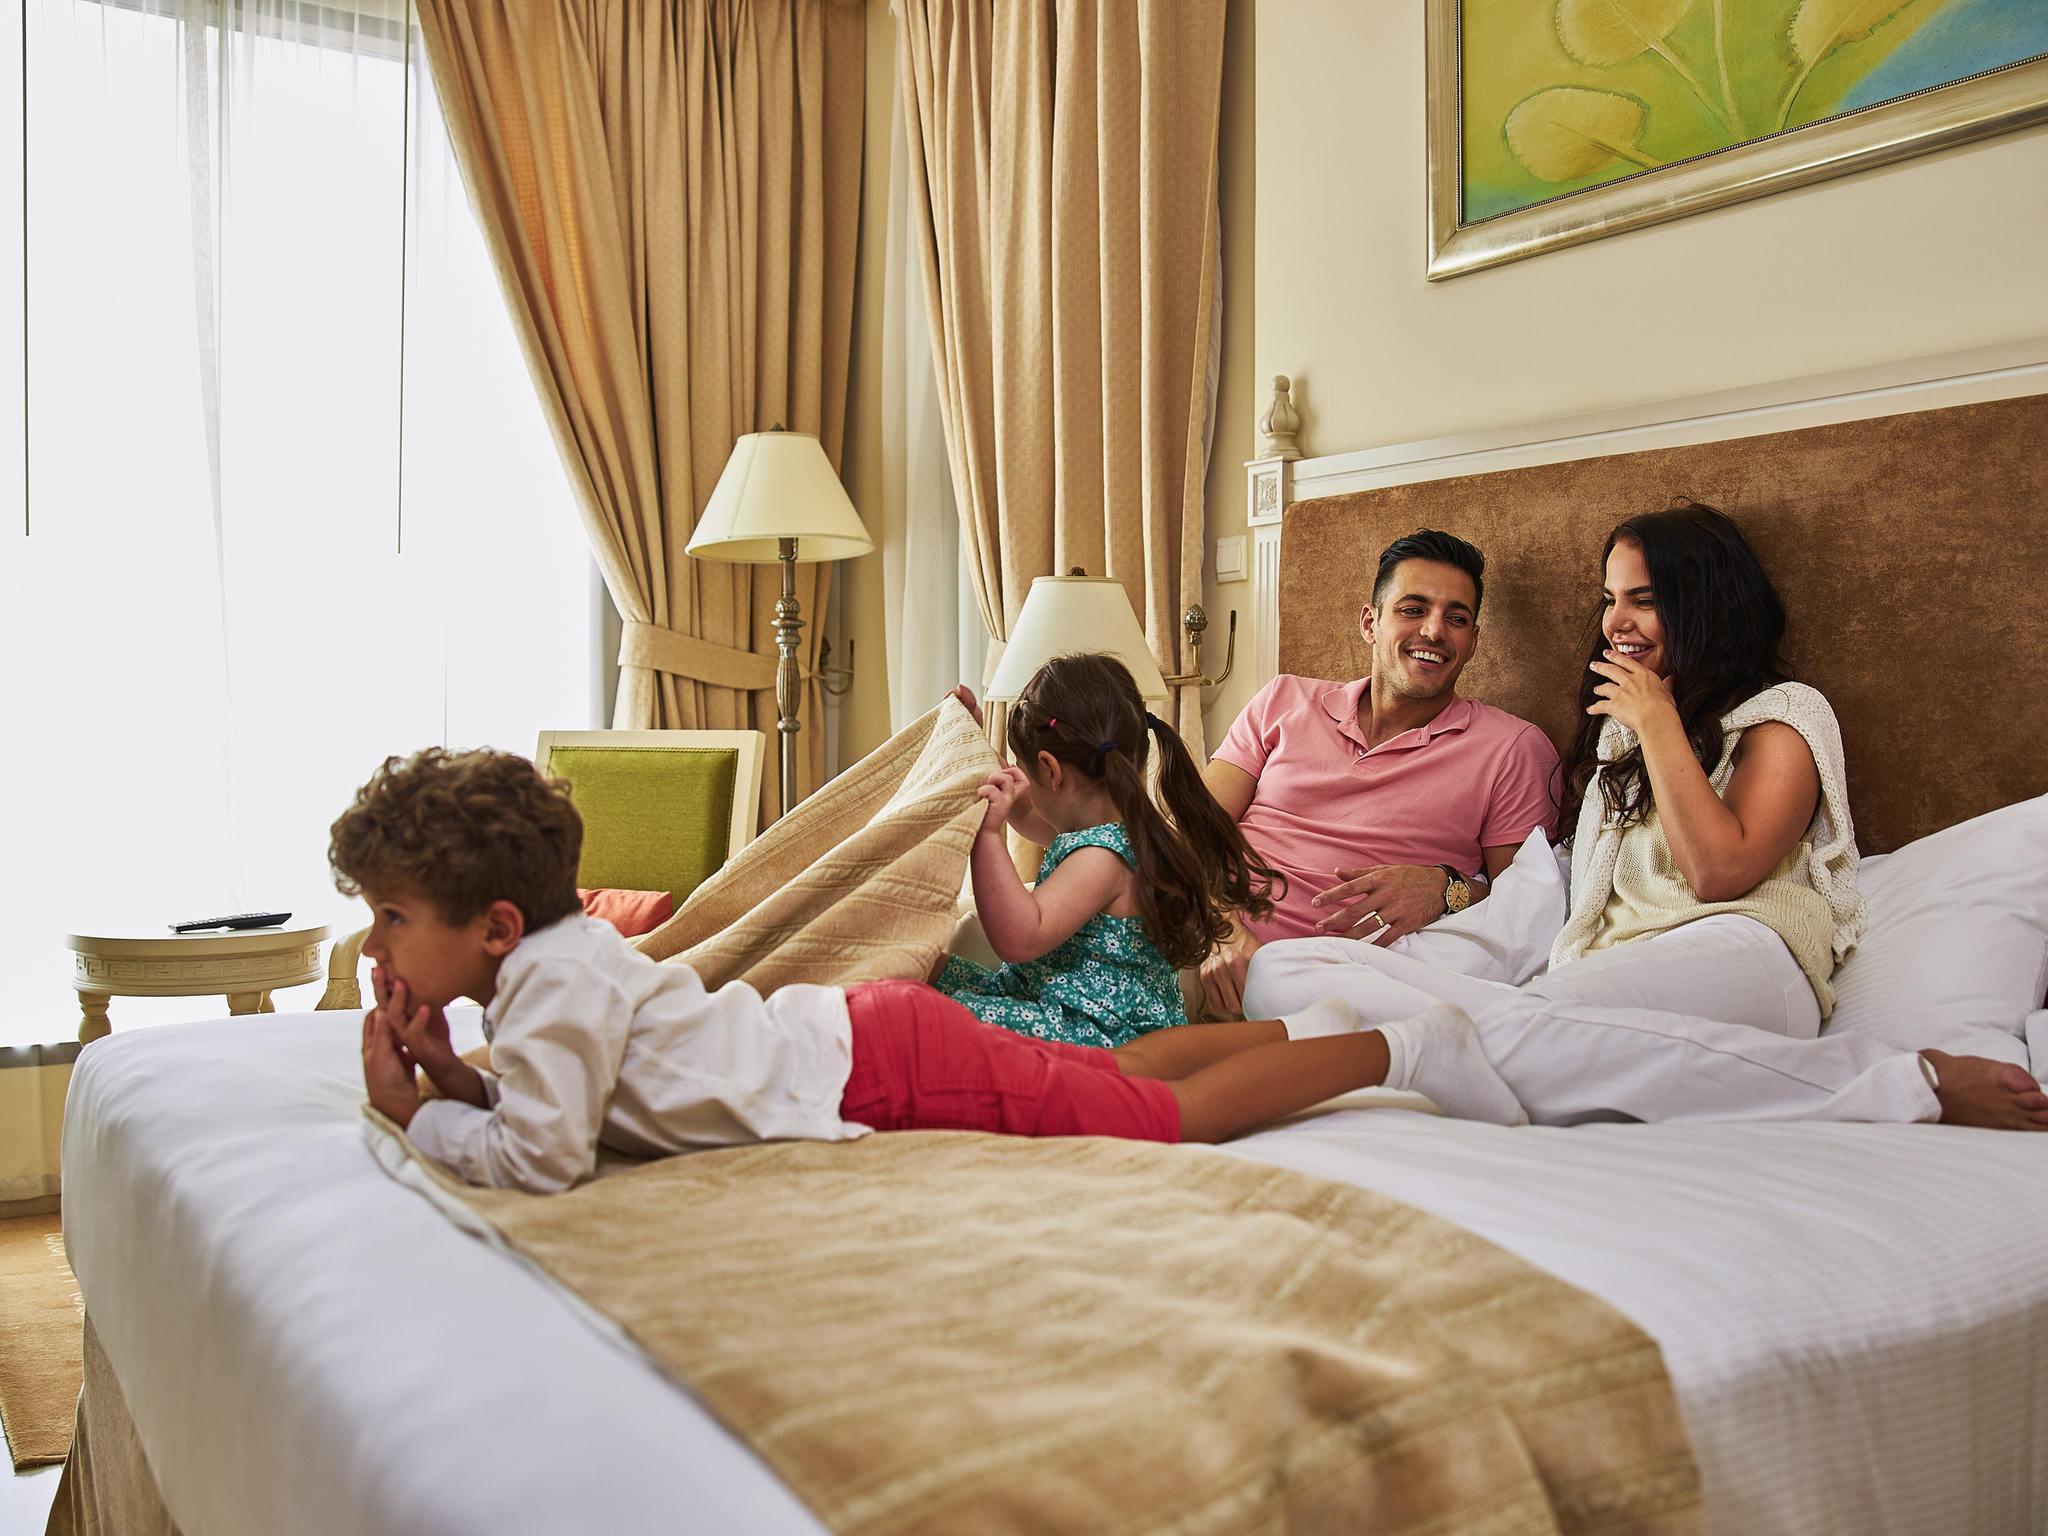 โรงแรม – เมอร์เคียว โฮเทล อพาร์ทเมนท์ ดูไบ บาชา ไฮทส์